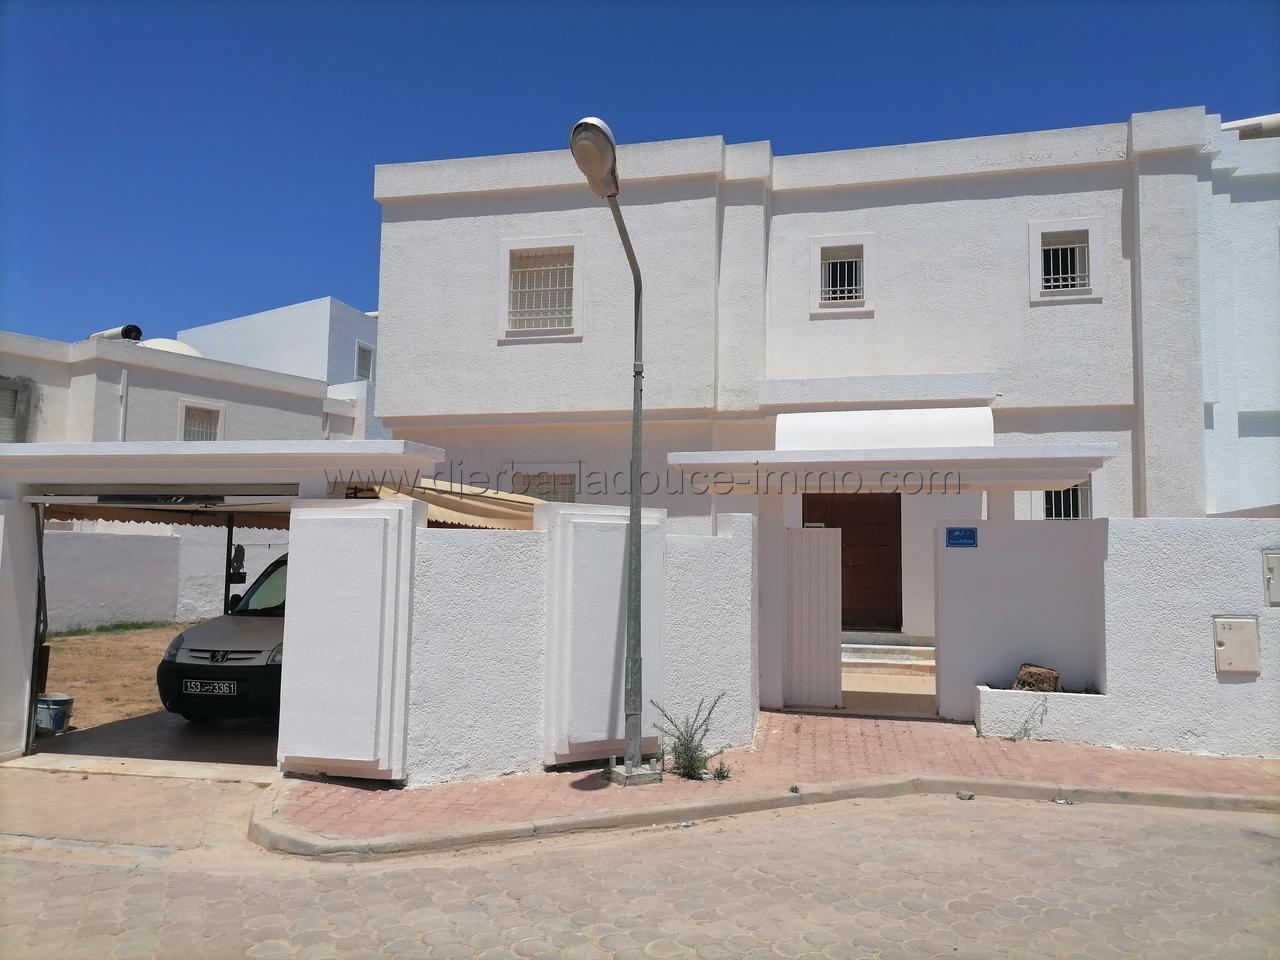 Villa meublée à louer à l'année ou pour les vacances à Djerba Midoun